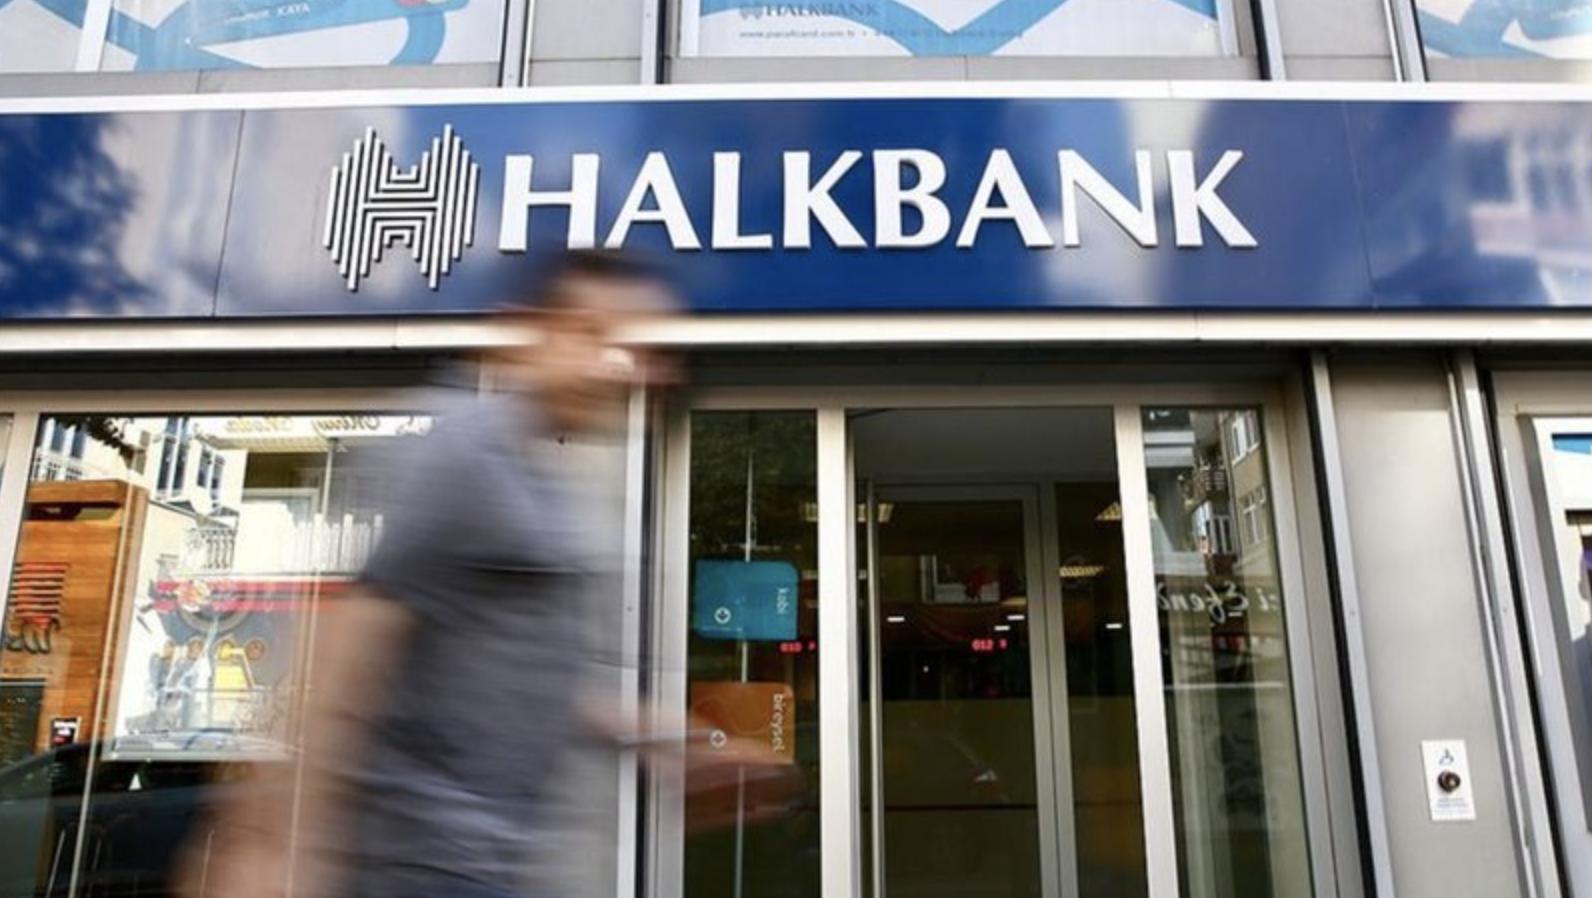 Βόρεια Μακεδονία: Η Halkbank AD Skopje αύξησε το κεφάλαιο της με επιπλέον 20 εκ. ευρώ